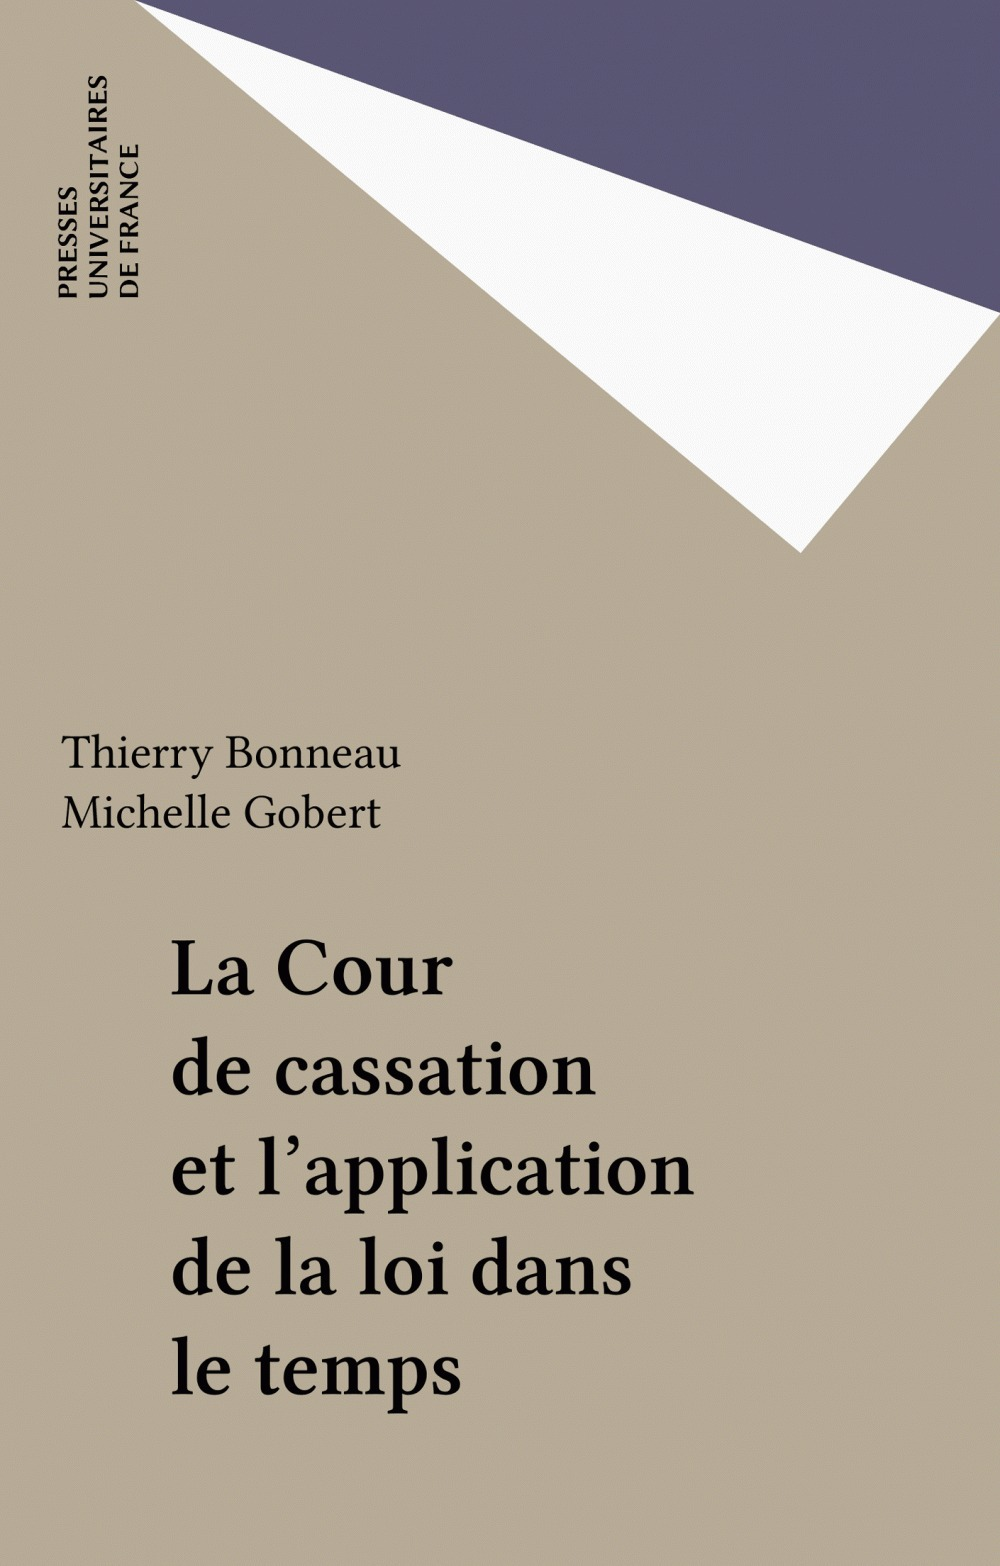 La Cour de cassation et l'application de la loi dans le temps